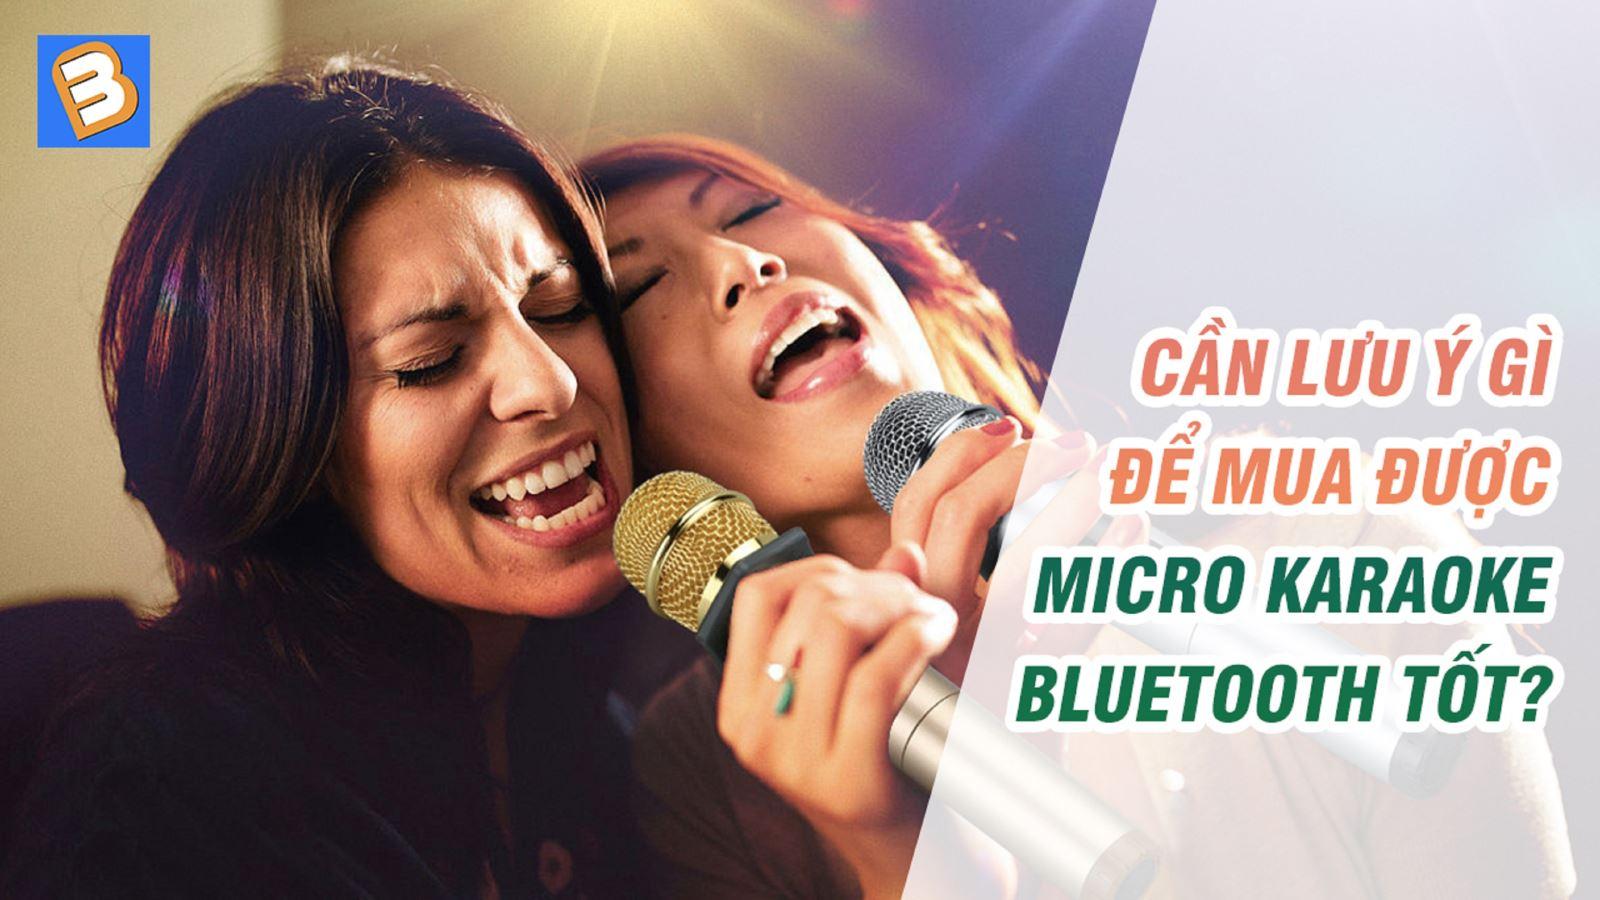 Cần lưu ý gì để mua được micro karaoke Bluetooth tốt?